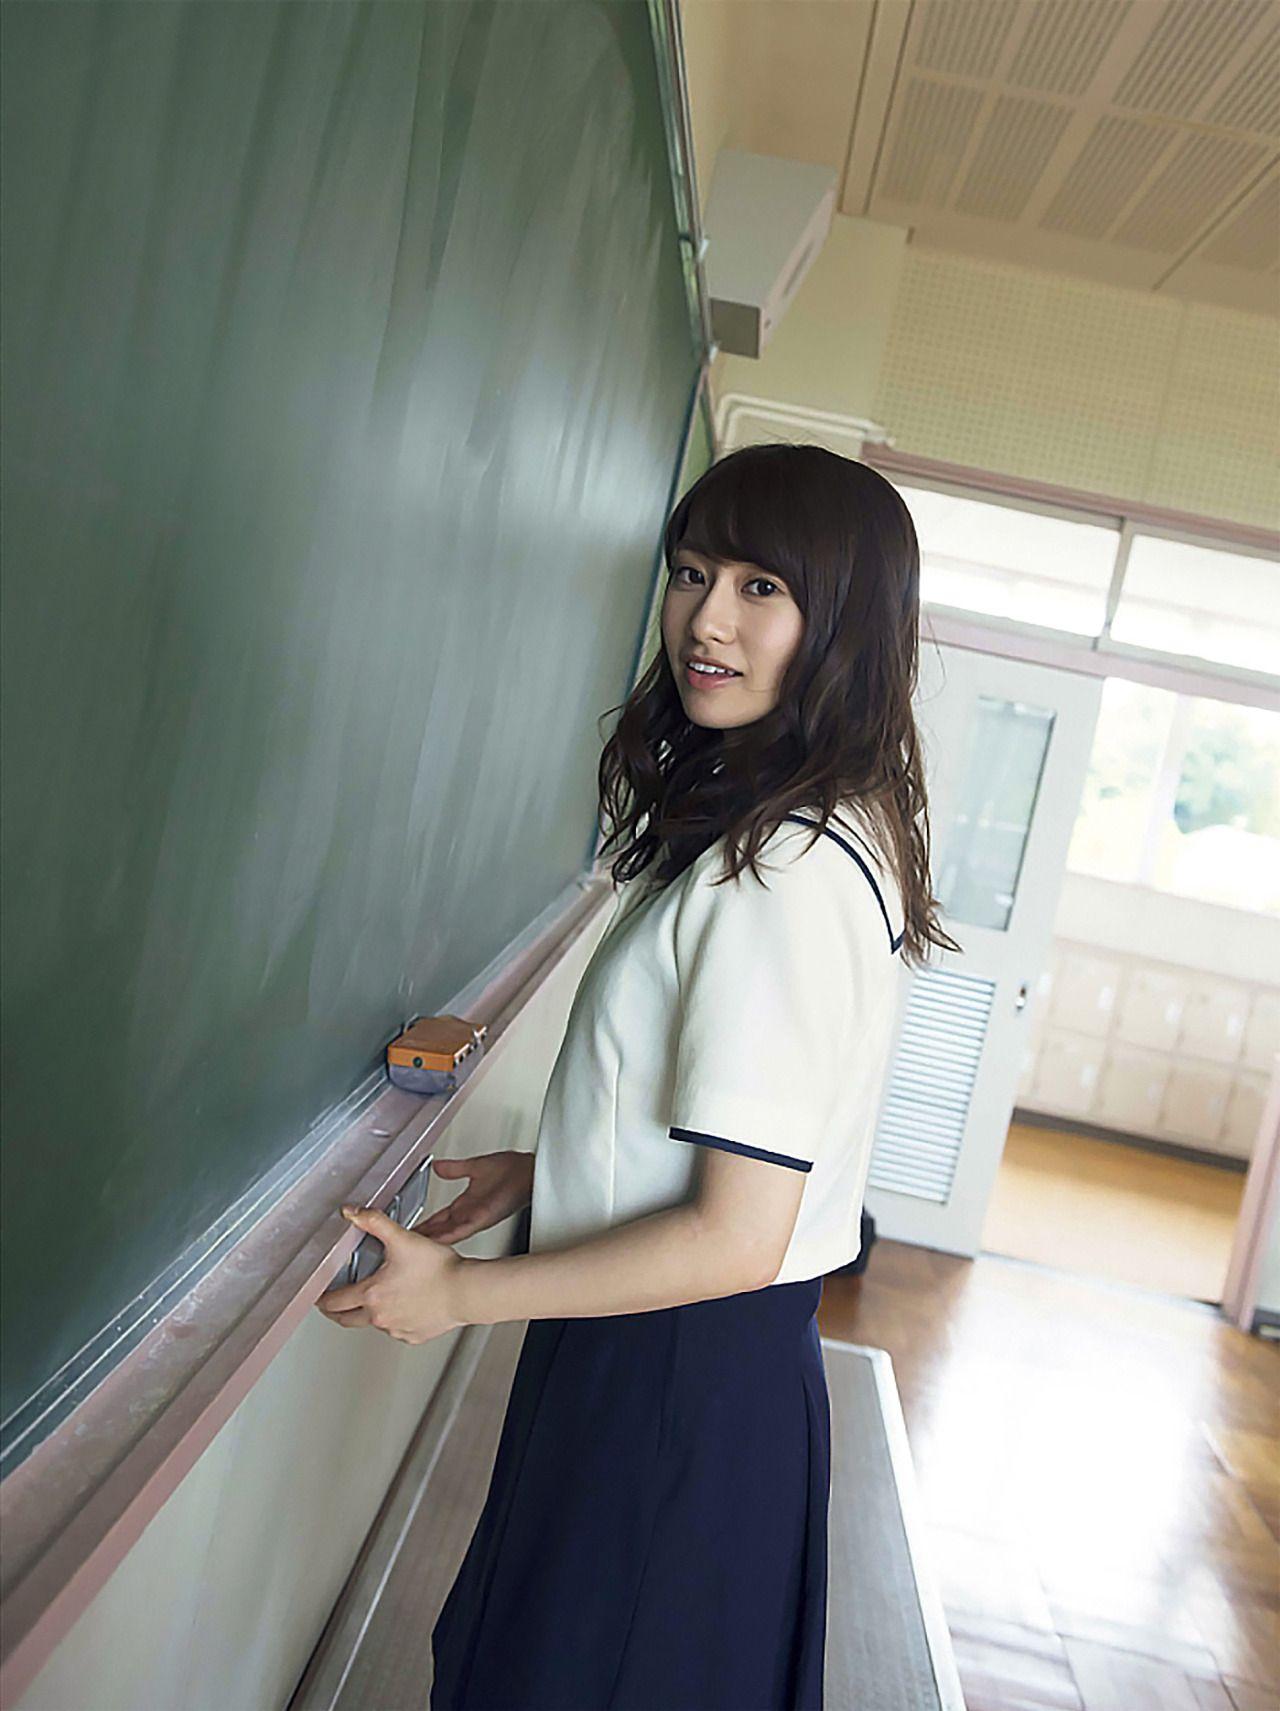 Sakurai Reika 桜井玲香 Ngzk46 Nogizaka46 Idol Japan Jpop